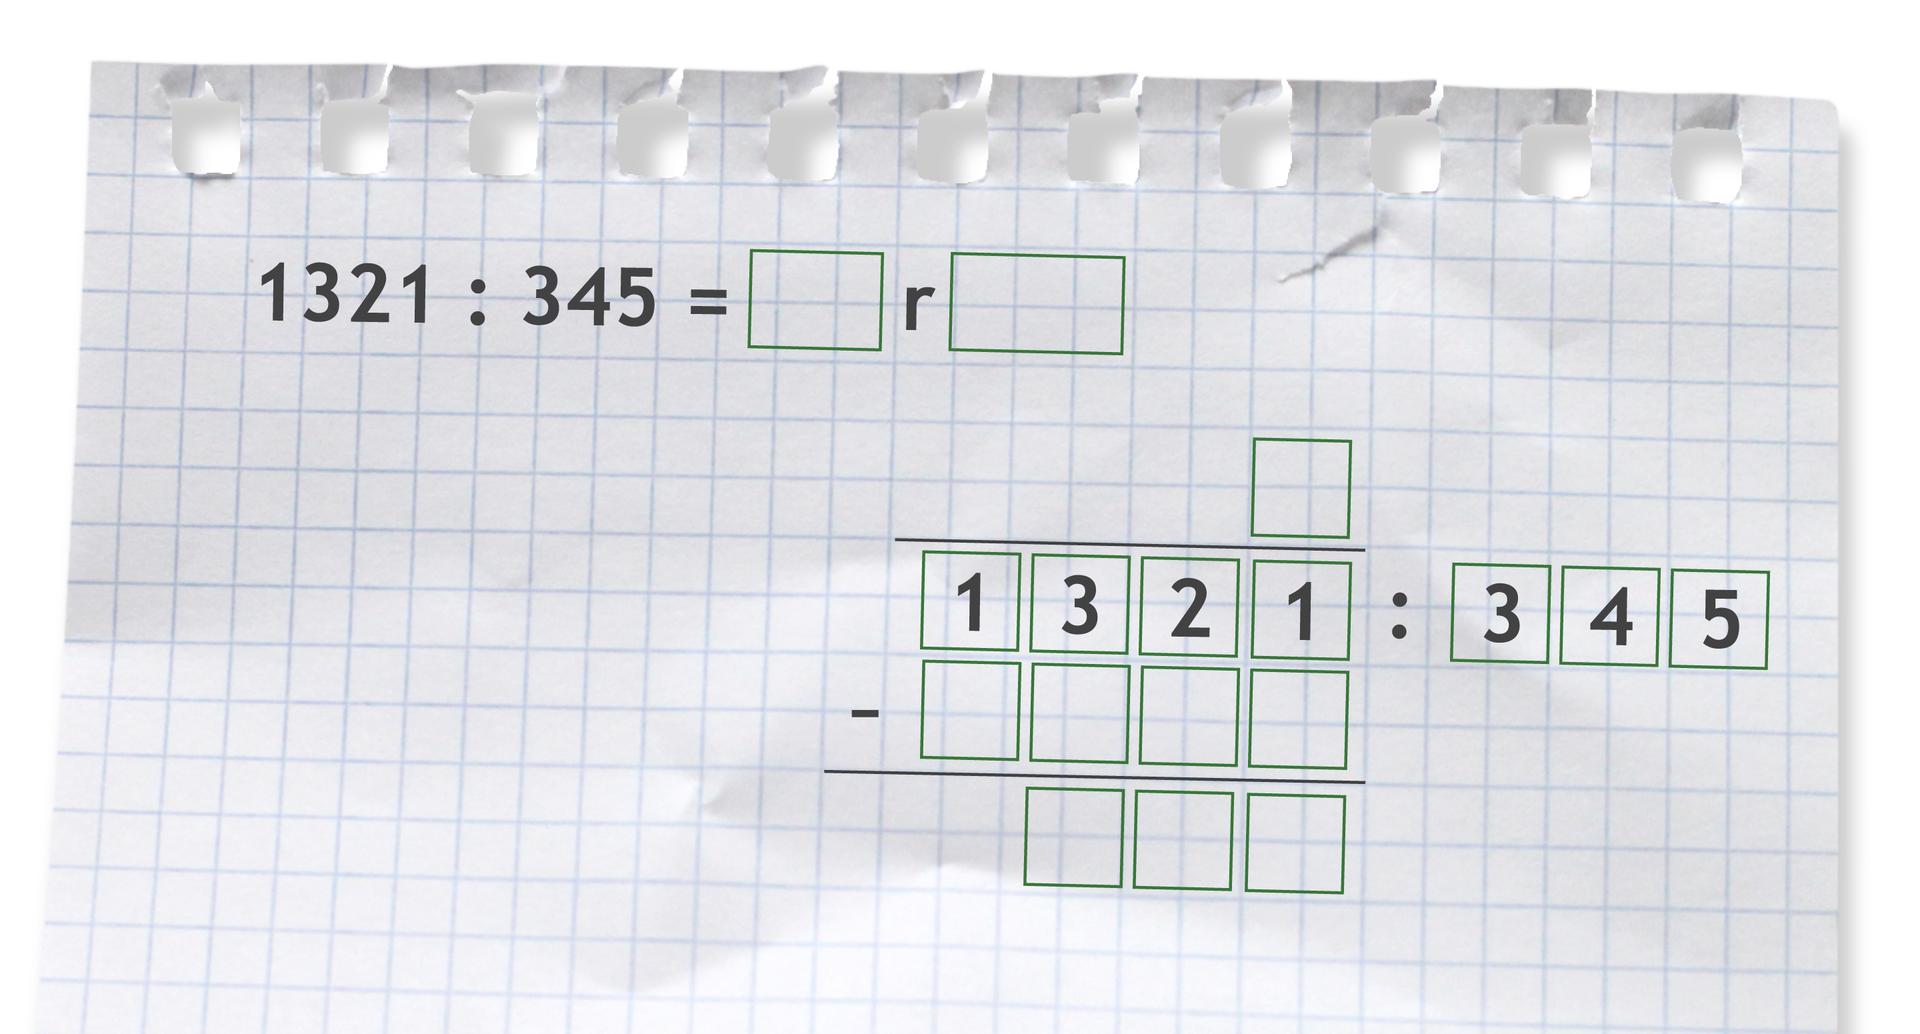 Miejsce do wykonania dzielenia zresztą: 1321 dzielone przez 345.